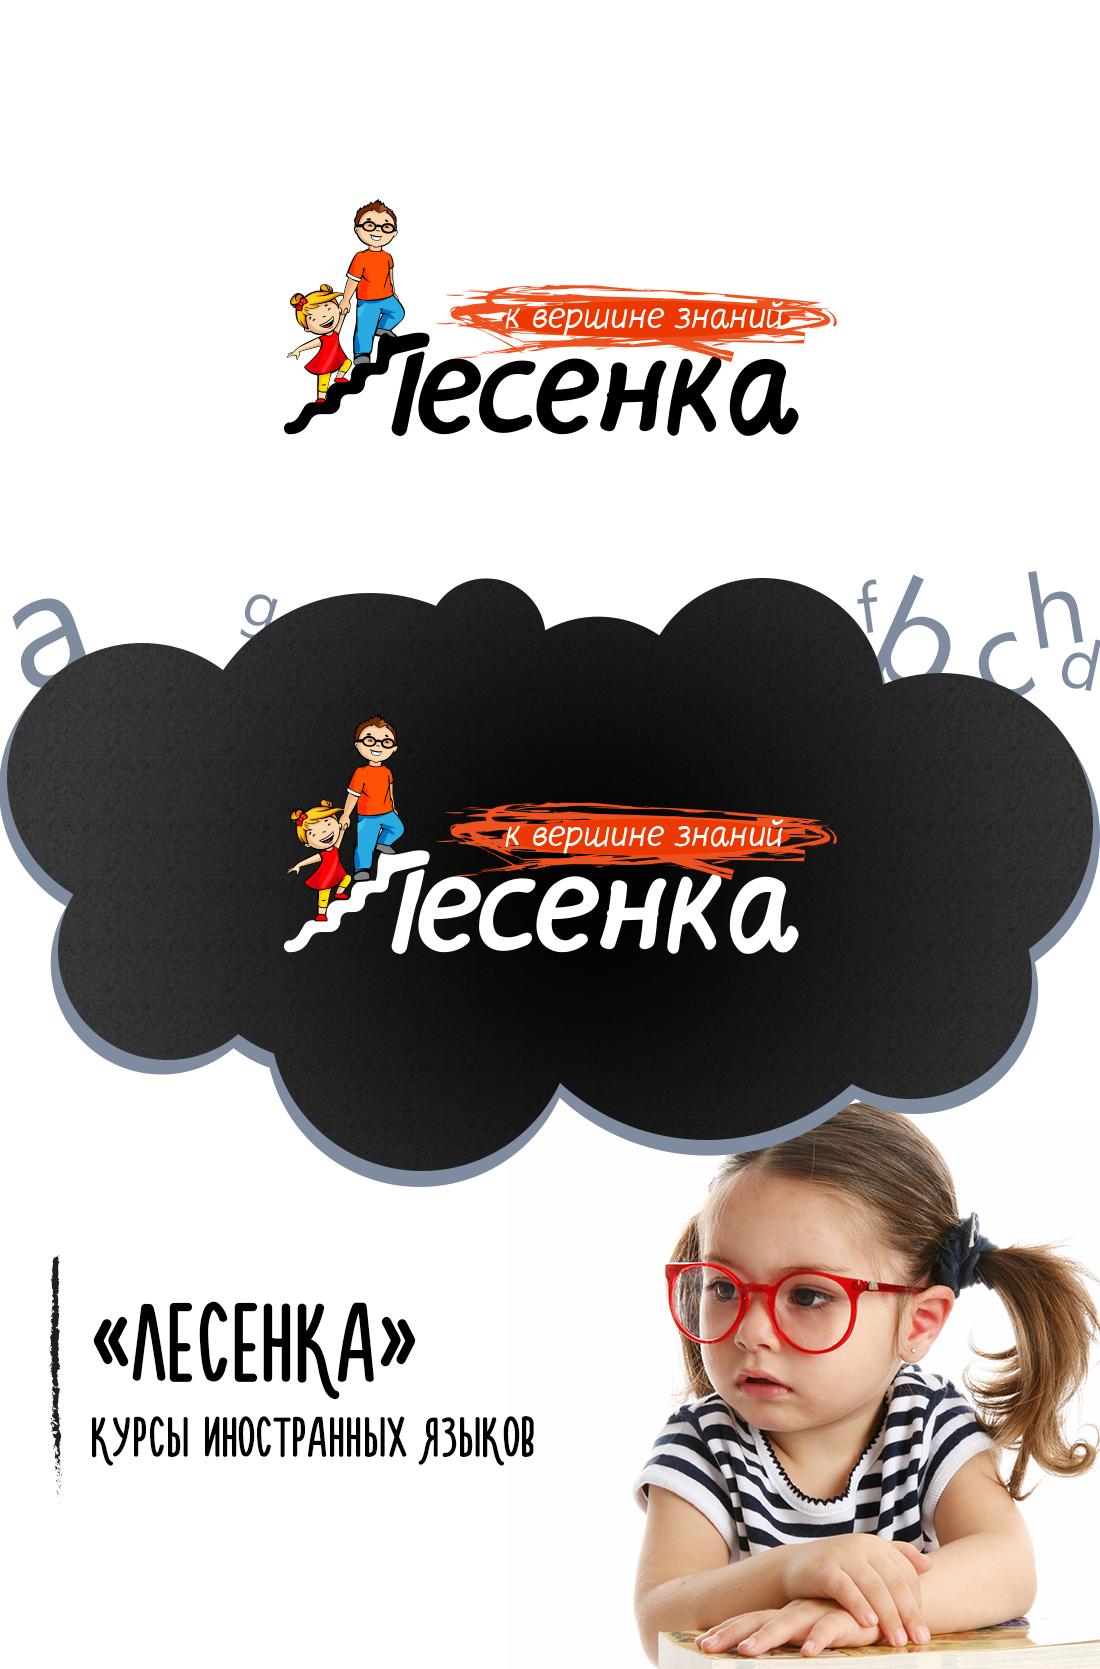 """Языковые курсы """"Лесенка"""" (персонажи  и логотип)"""